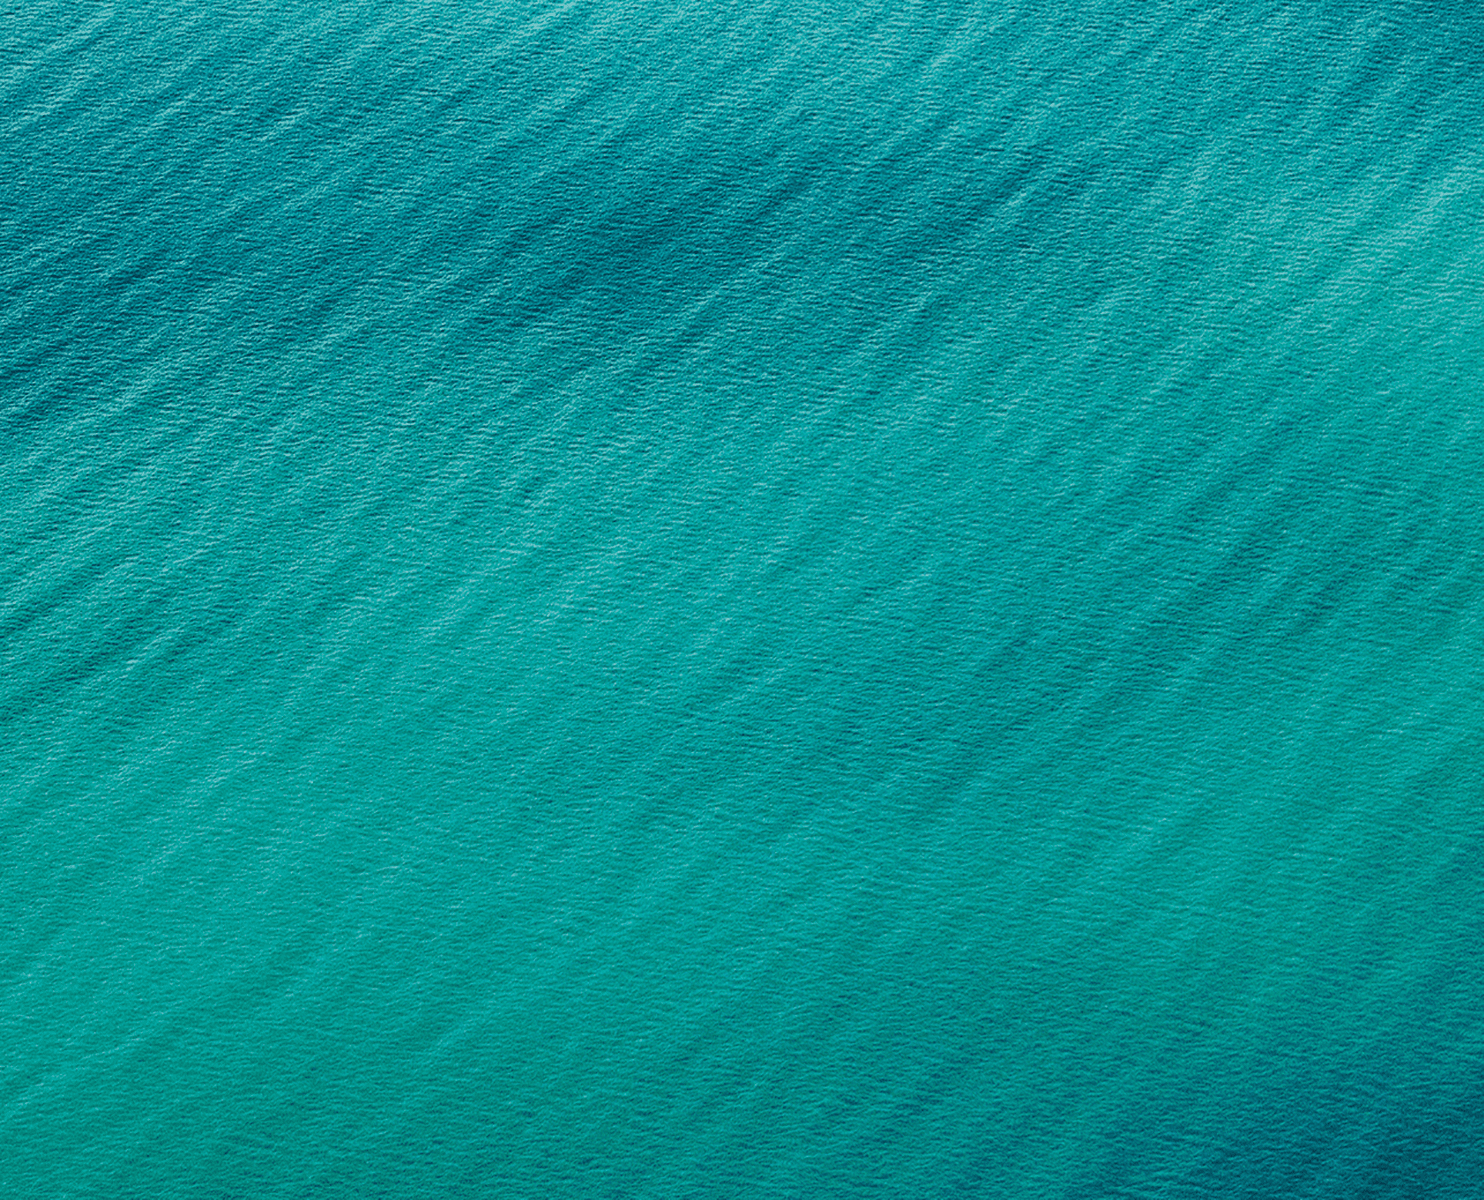 Yealands_Ocean_Teal 1484x1200